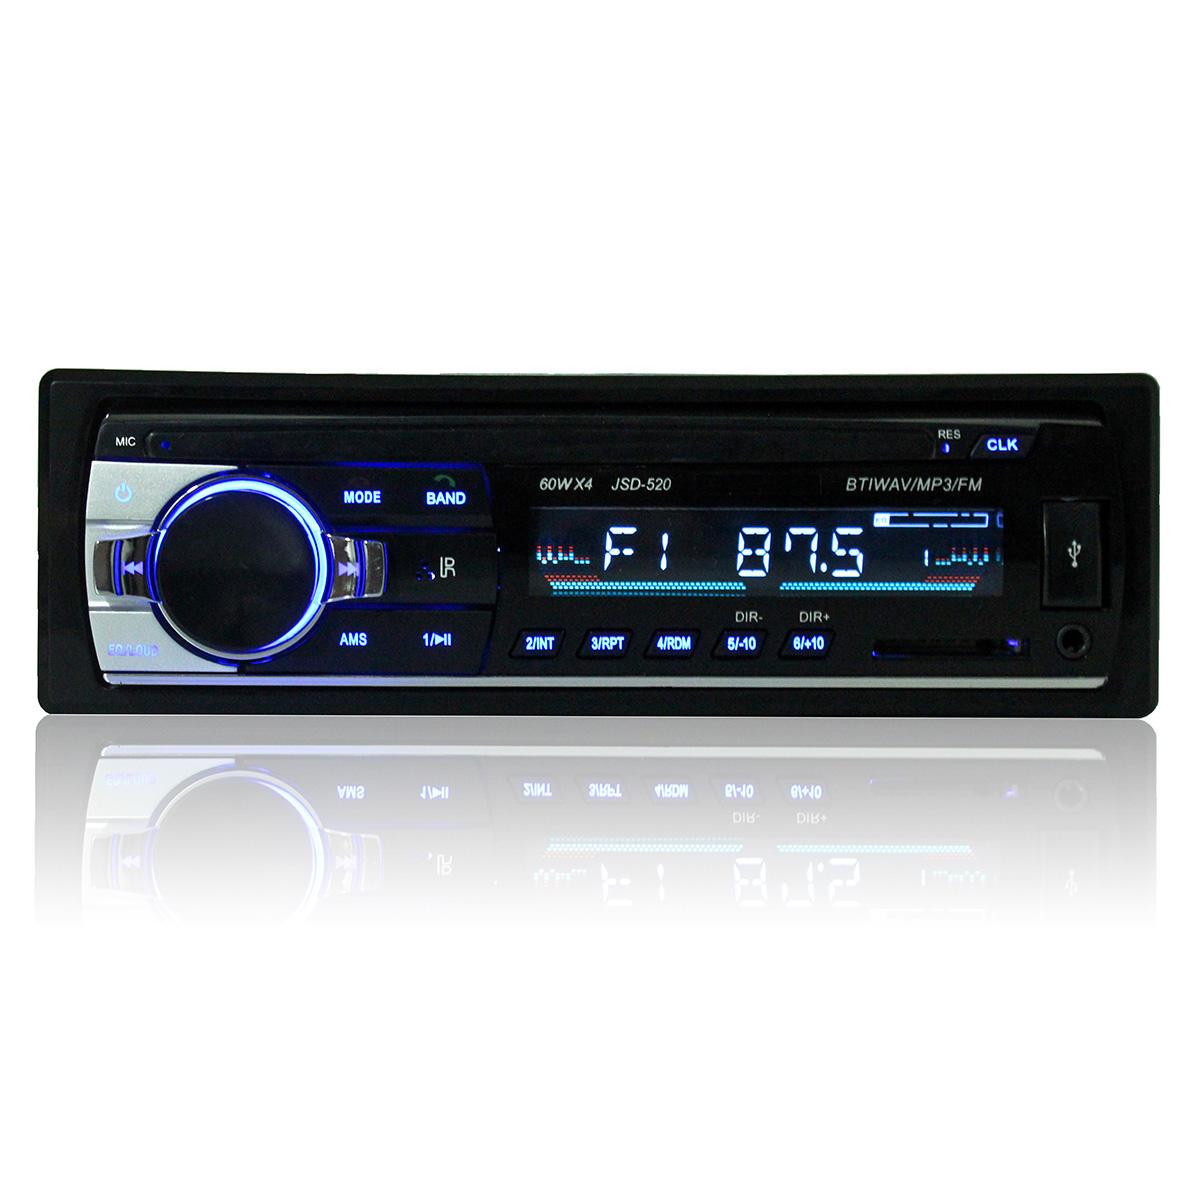 カーオーディオステレオMP3プレーヤーブルートゥースステレオラジオFM AUXリモコン付きiPhone X 8 / 8plus